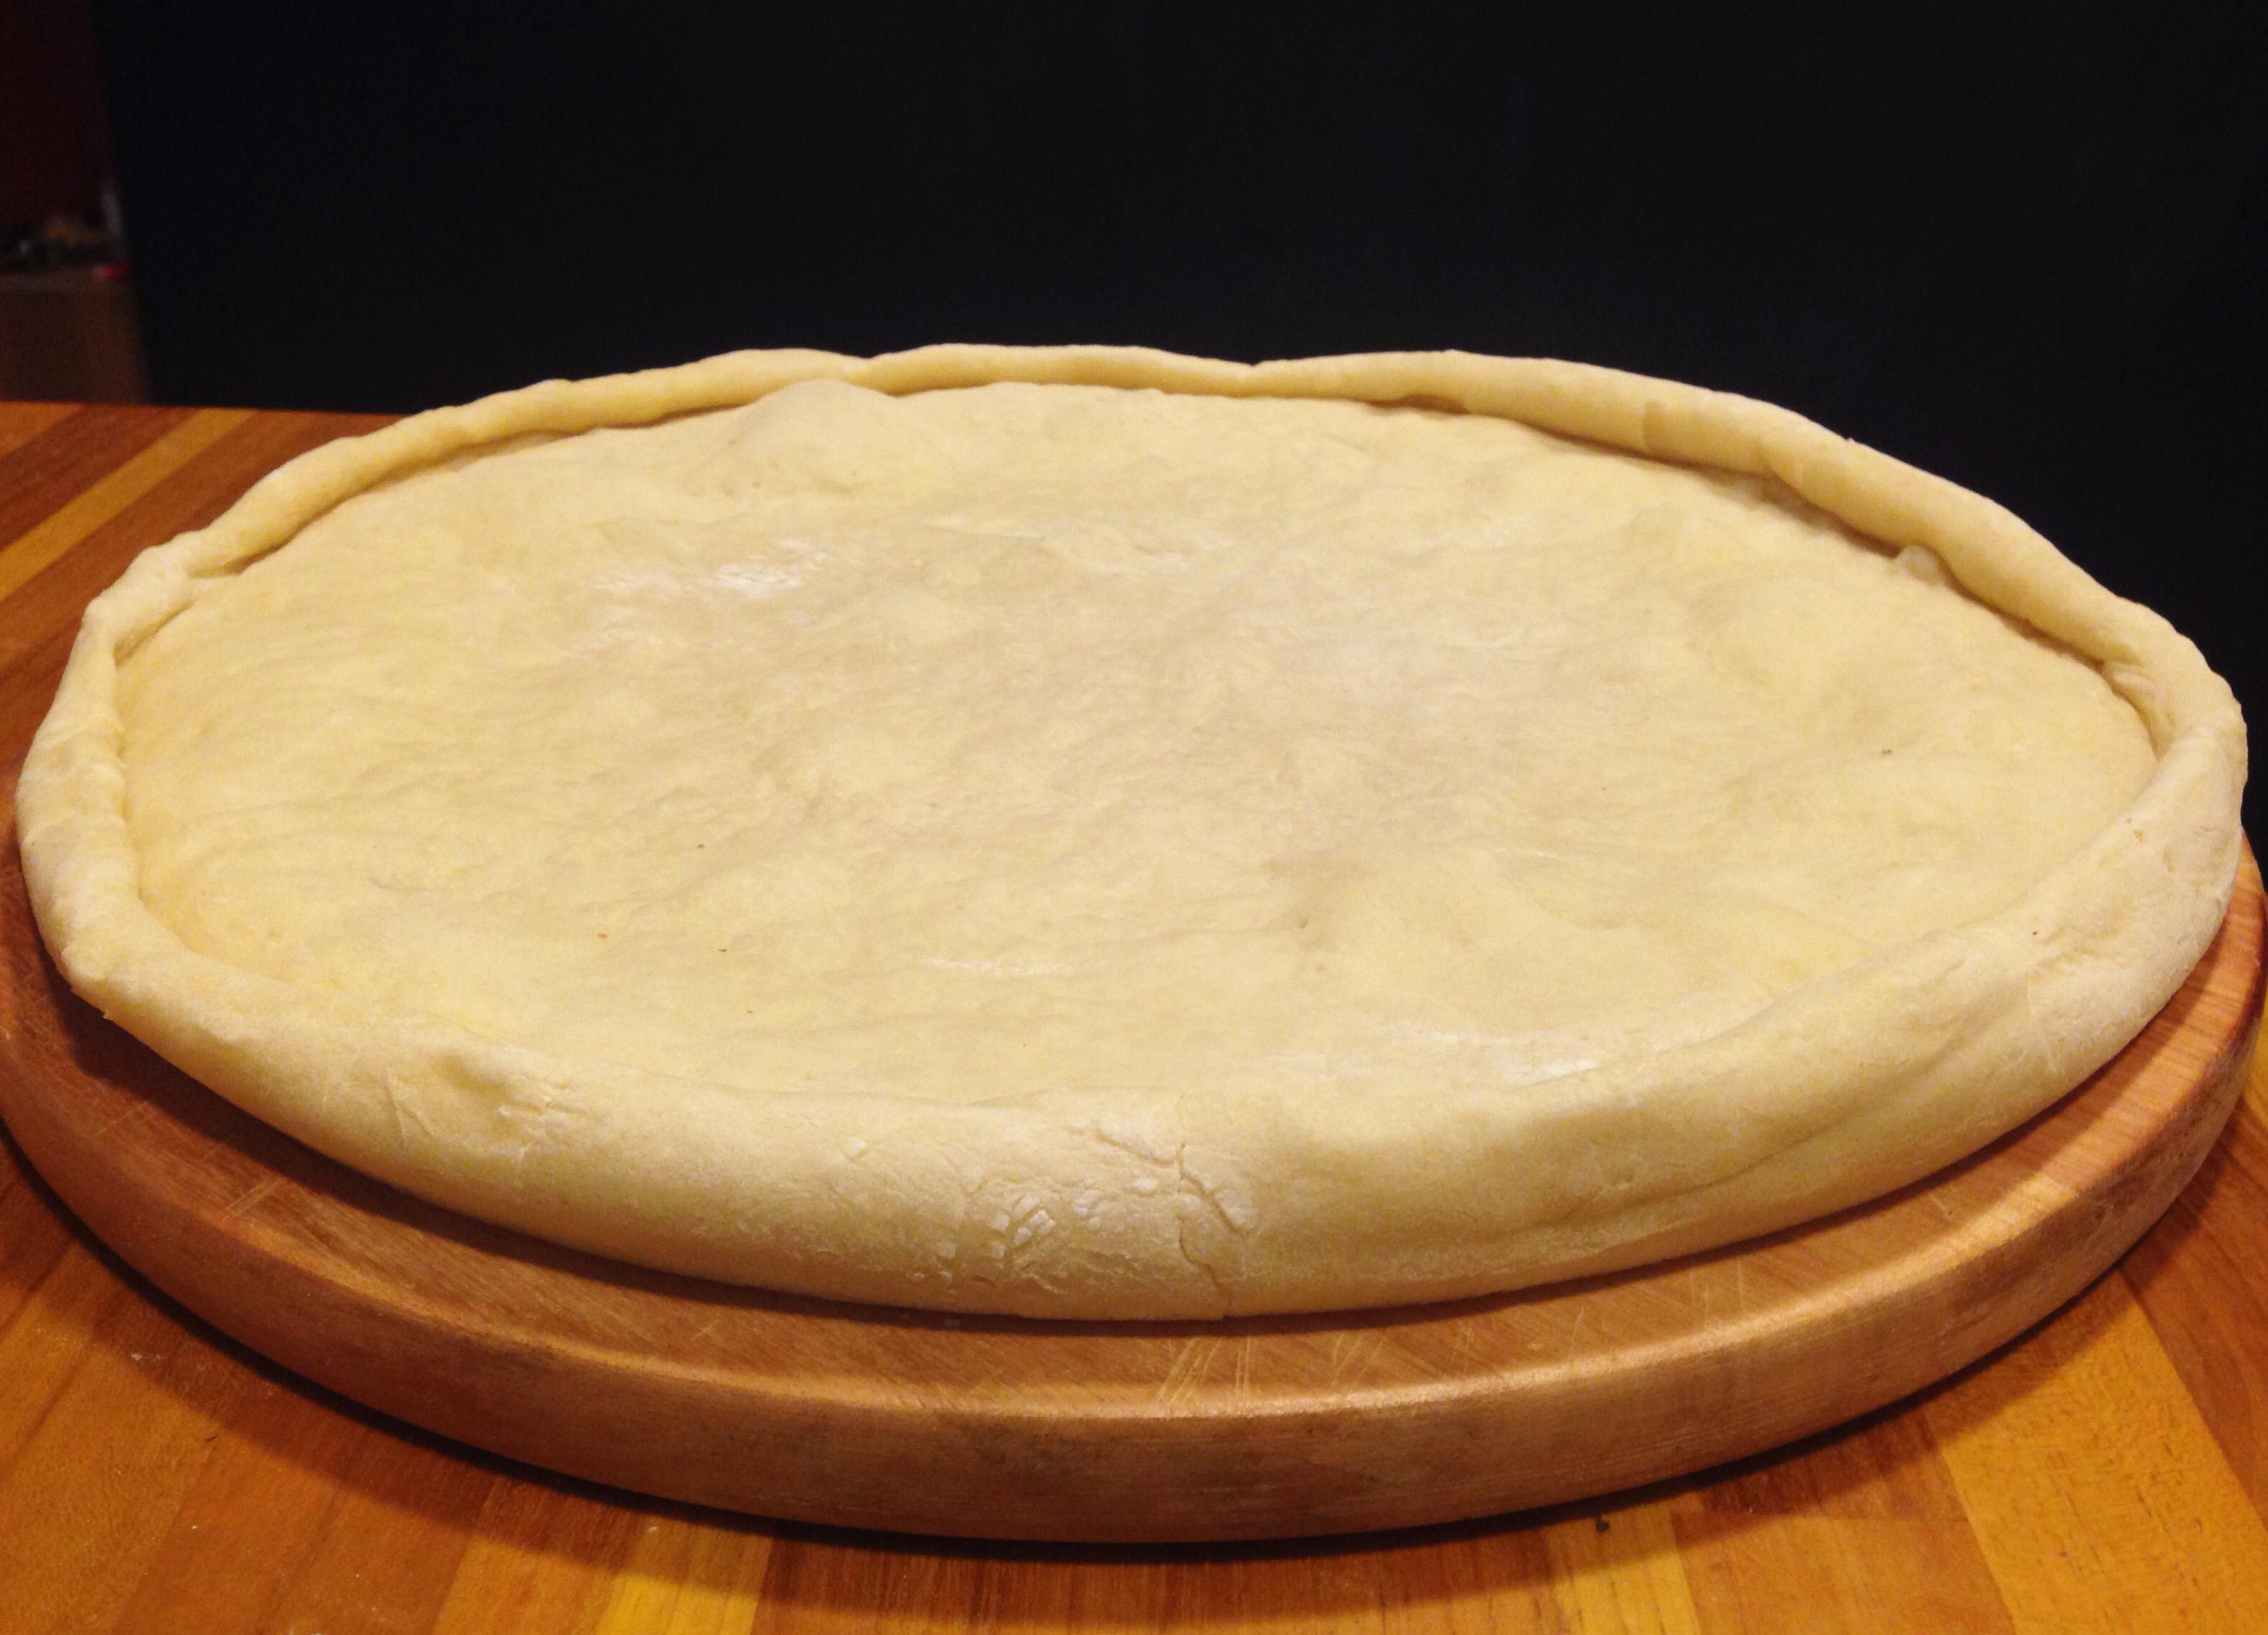 Massa de Pizza - Como fazer massa de pizza em casa - receita deliciosa